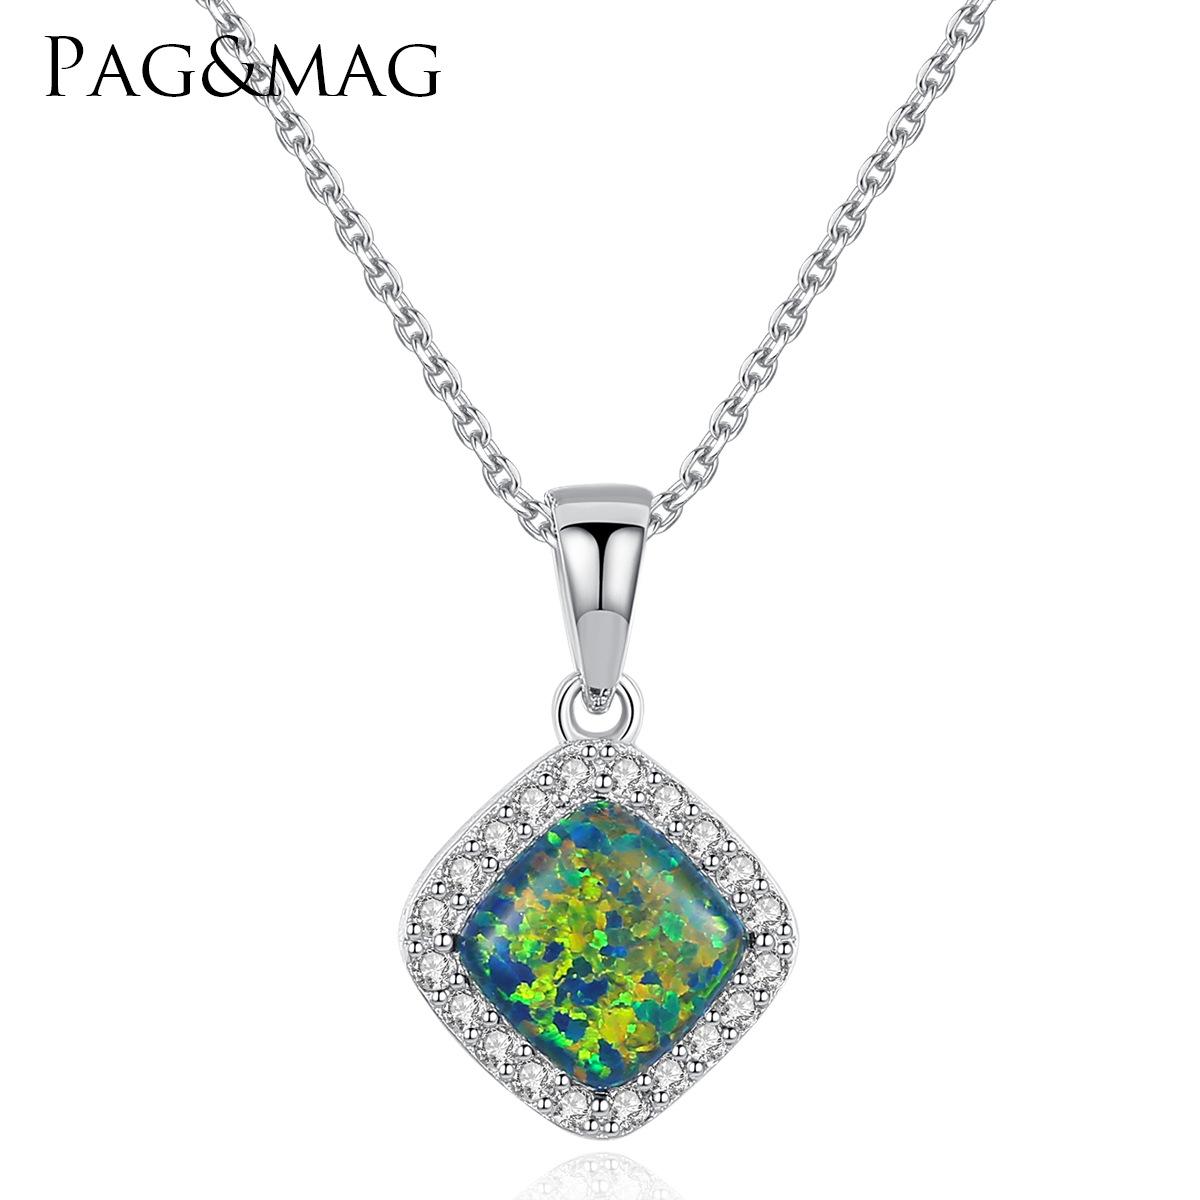 PAG&MAG 欧美流行方形澳宝镶锆石女款项链 纯银防过敏项链